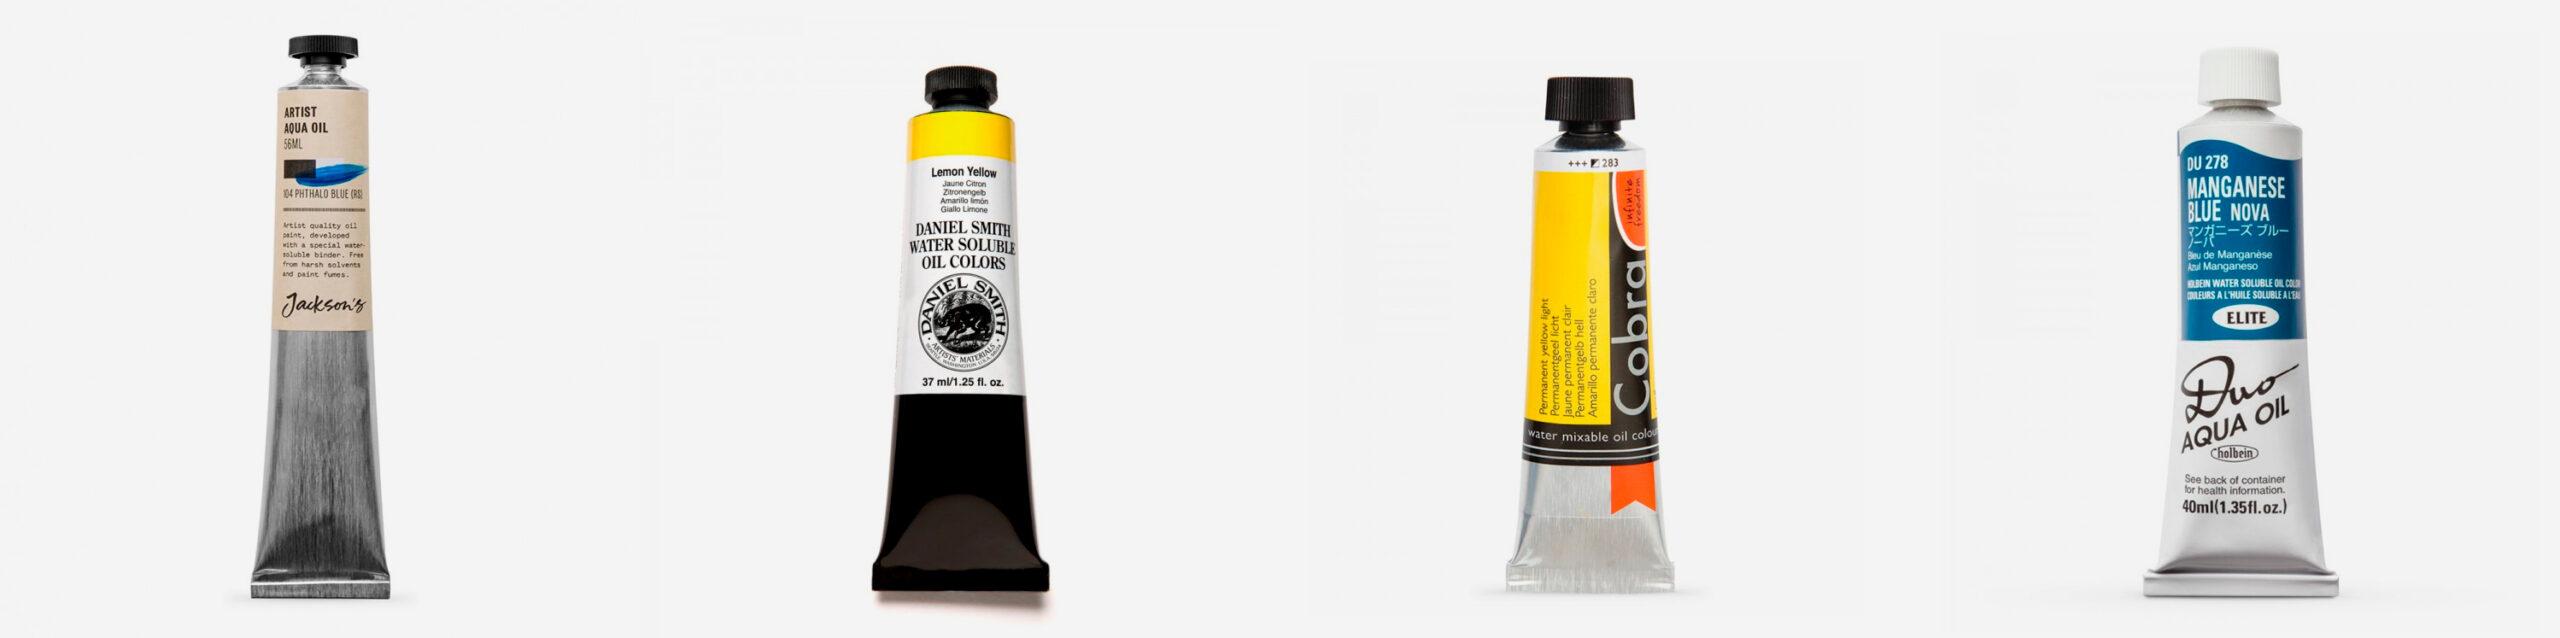 L-R: Jackson's Aqua Oils, Daniel Smith Watersoluble Oil Paint, Cobra Water Mixable Oil Paint, Holbein Duo Aqua Water Mixable Oil Paint